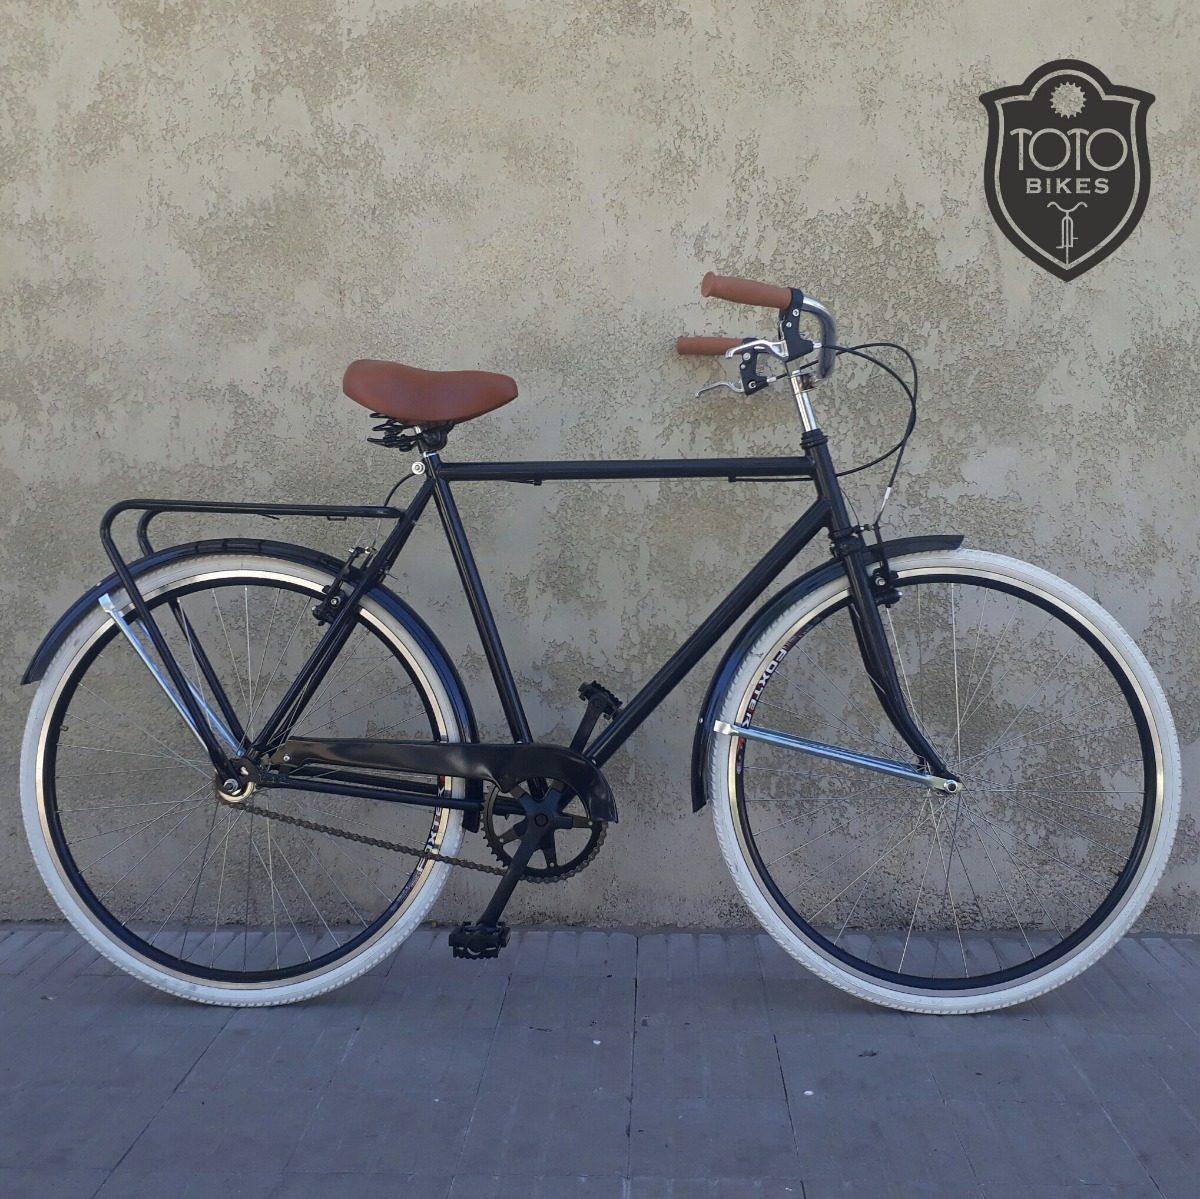 Bicicleta Imperial Sport 28 Caballero Vintage Retro Clasica ...